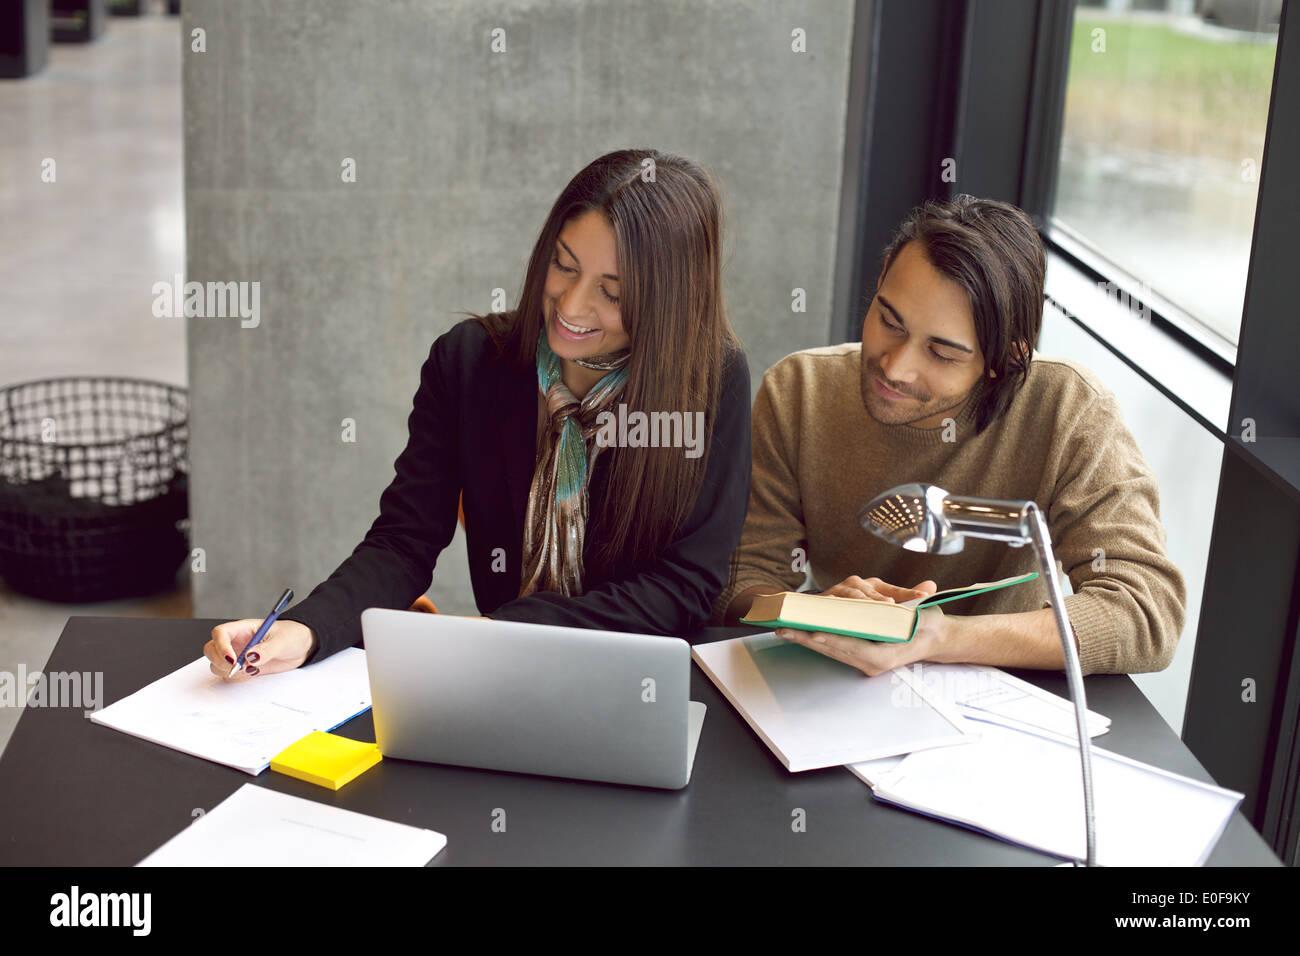 Junge Studenten Notizen von Fachbücher für das Studium. Junger Mann und Frau, die mit Büchern und Stockbild